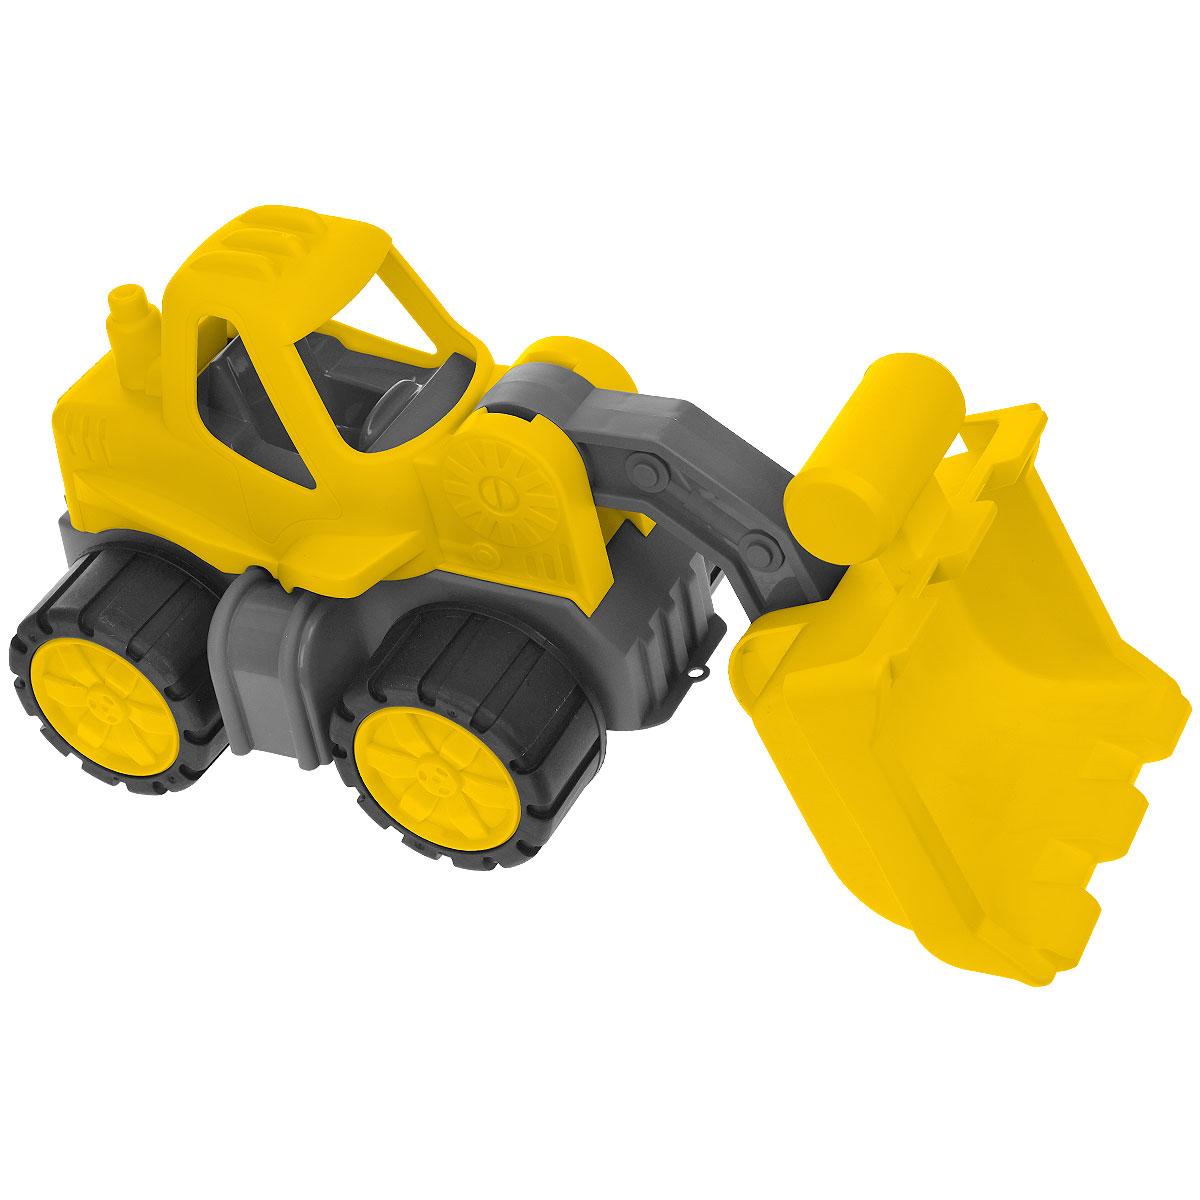 BIG Экскаватор Power-Worker Radlader56837Яркий экскаватор BIG Power-Worker Radlader, изготовленный из прочного безопасного материала желтого и черного цветов, отлично подойдет ребенку для различных игр. Экскаватор - прекрасный помощник на строительной площадке. Экскаватор оснащен подвижным ковшом, с помощью которого можно перемещать материалы (камушки, песок, веточки и др.), убирать строительный мусор или расчищать площадку. Большие колеса с крупным протектором обеспечивают экскаватору устойчивость и хорошую проходимость. Ваш юный строитель сможет прекрасно провести время дома или на улице, воспроизводя свою стройку.